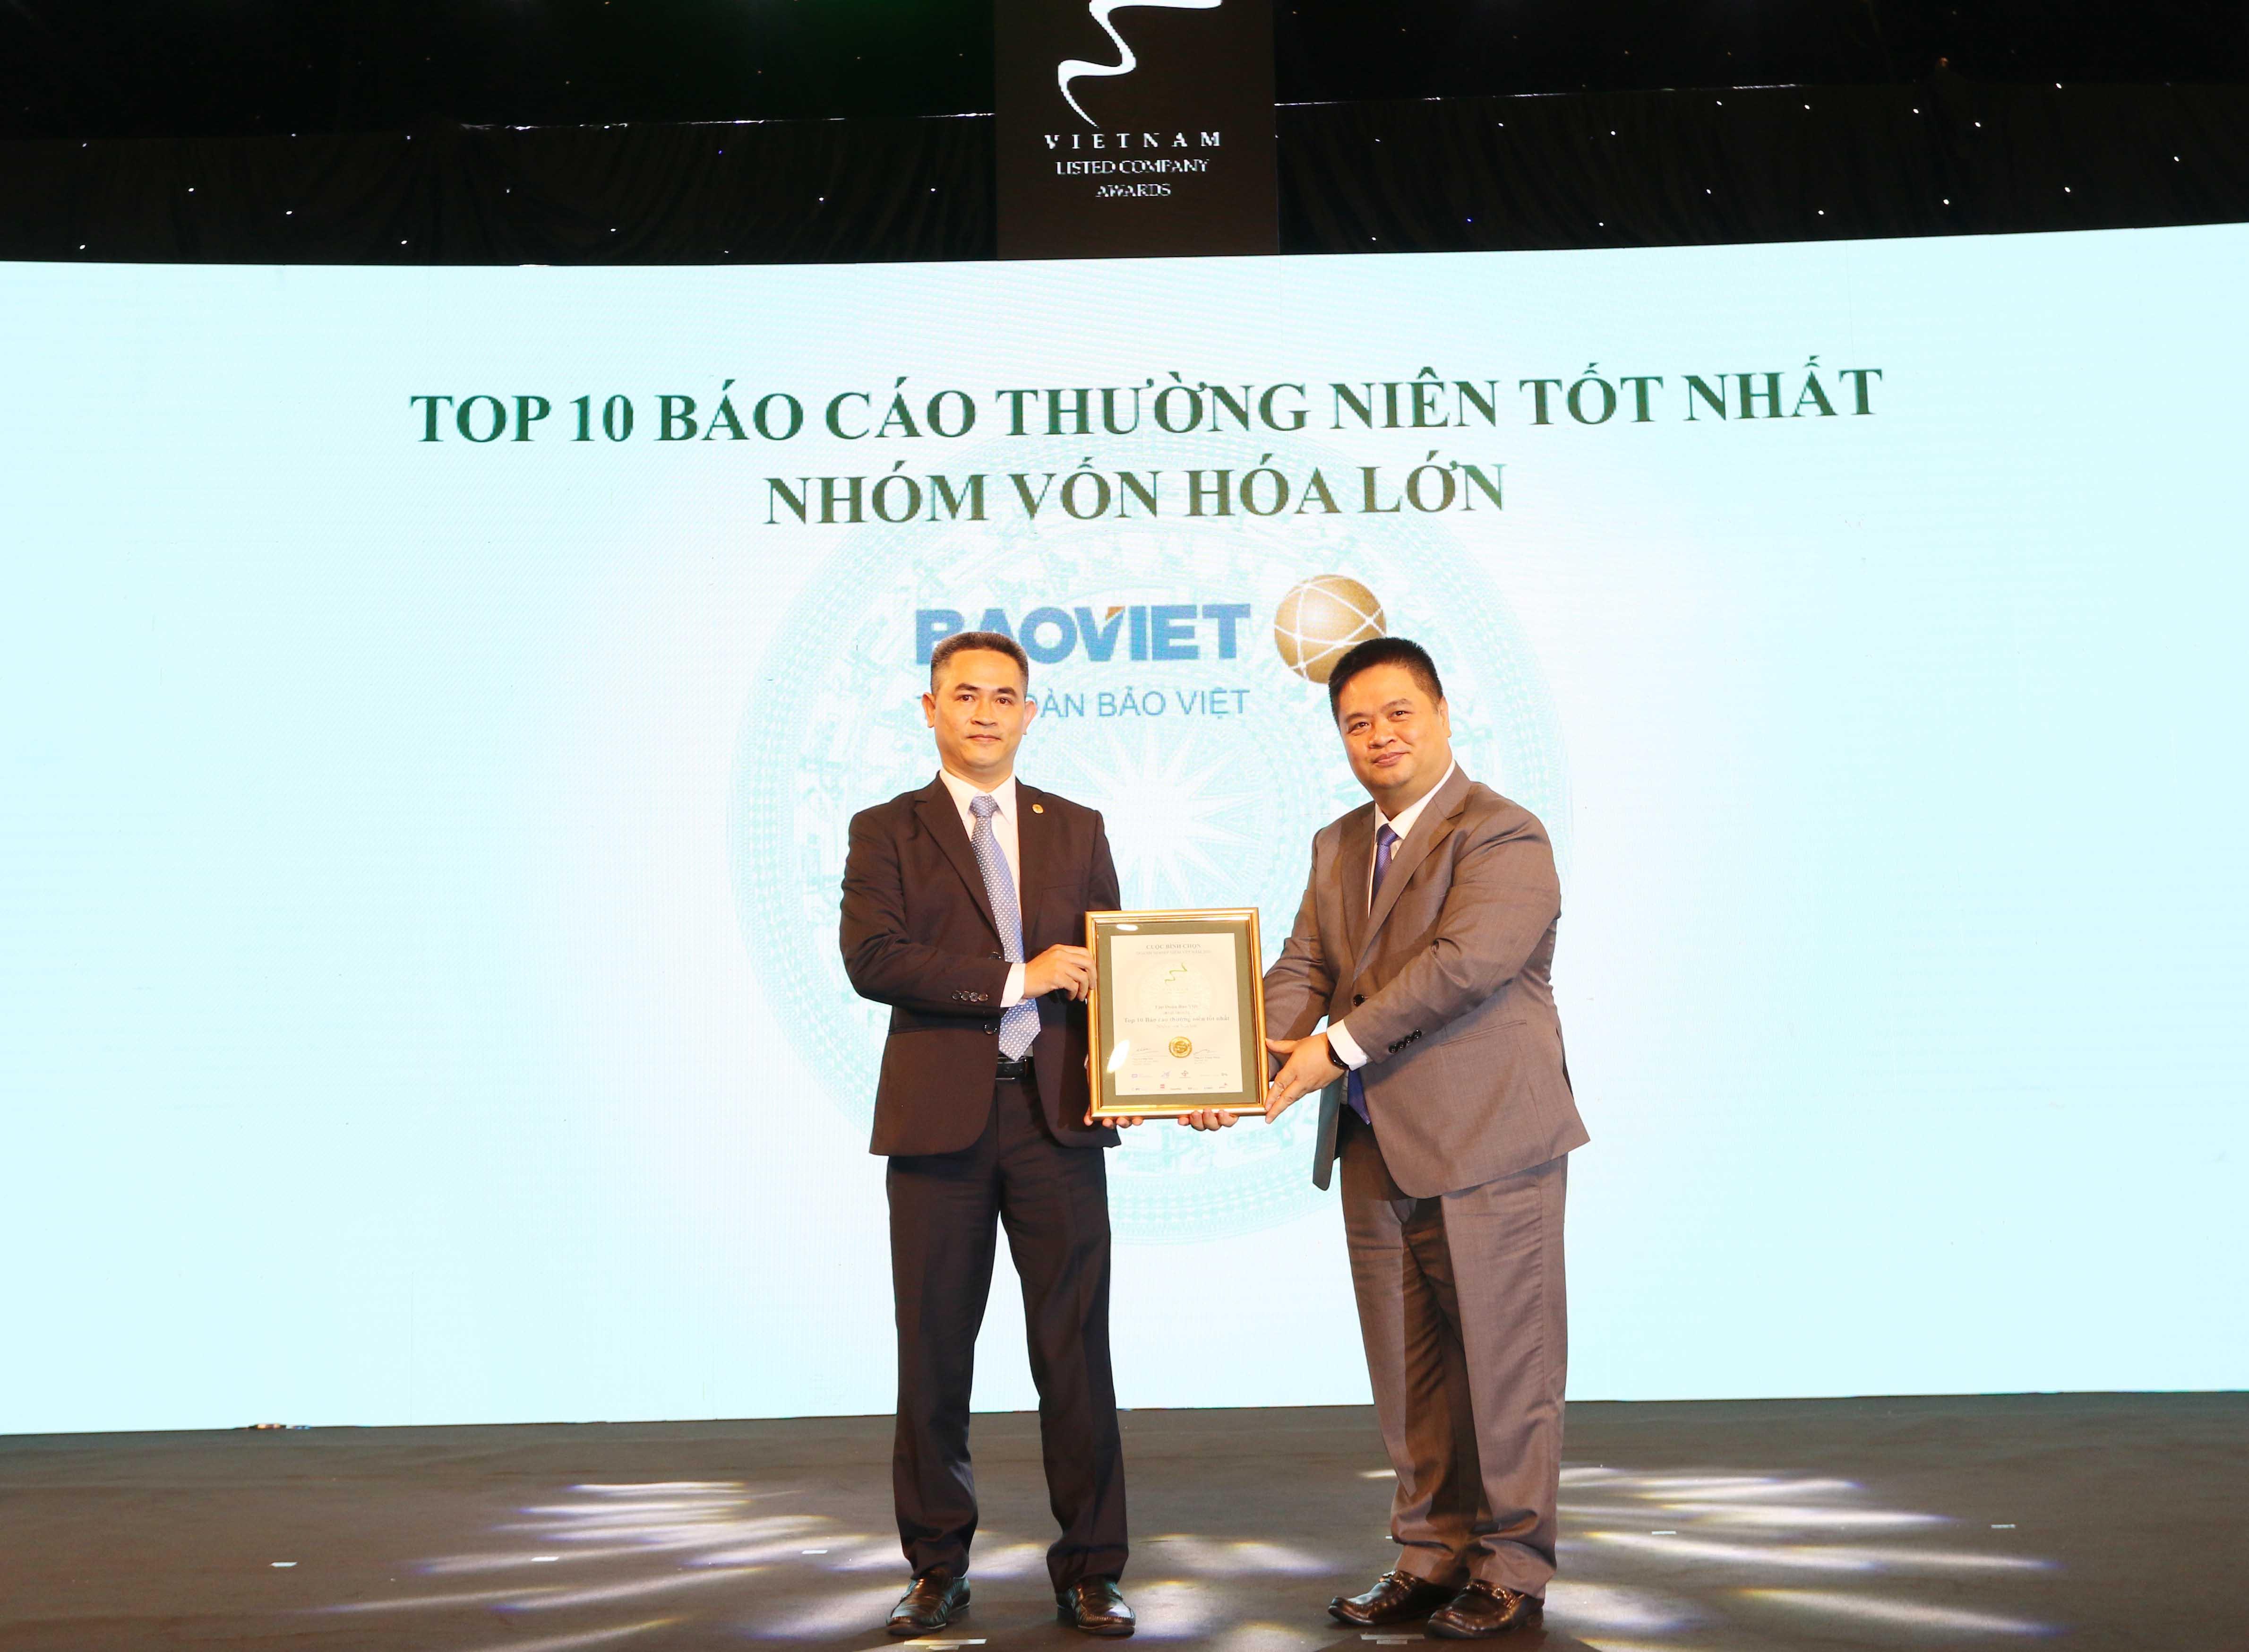 https://www.aravietnam.vn/wp-content/uploads/2020/12/27_Dại-diện-tập-doàn-Bảo-Việt-nhận-TOP-10-DNNY-nhóm-vốn-hóa-lớn-có-BCTN-tốt-nhất.jpg